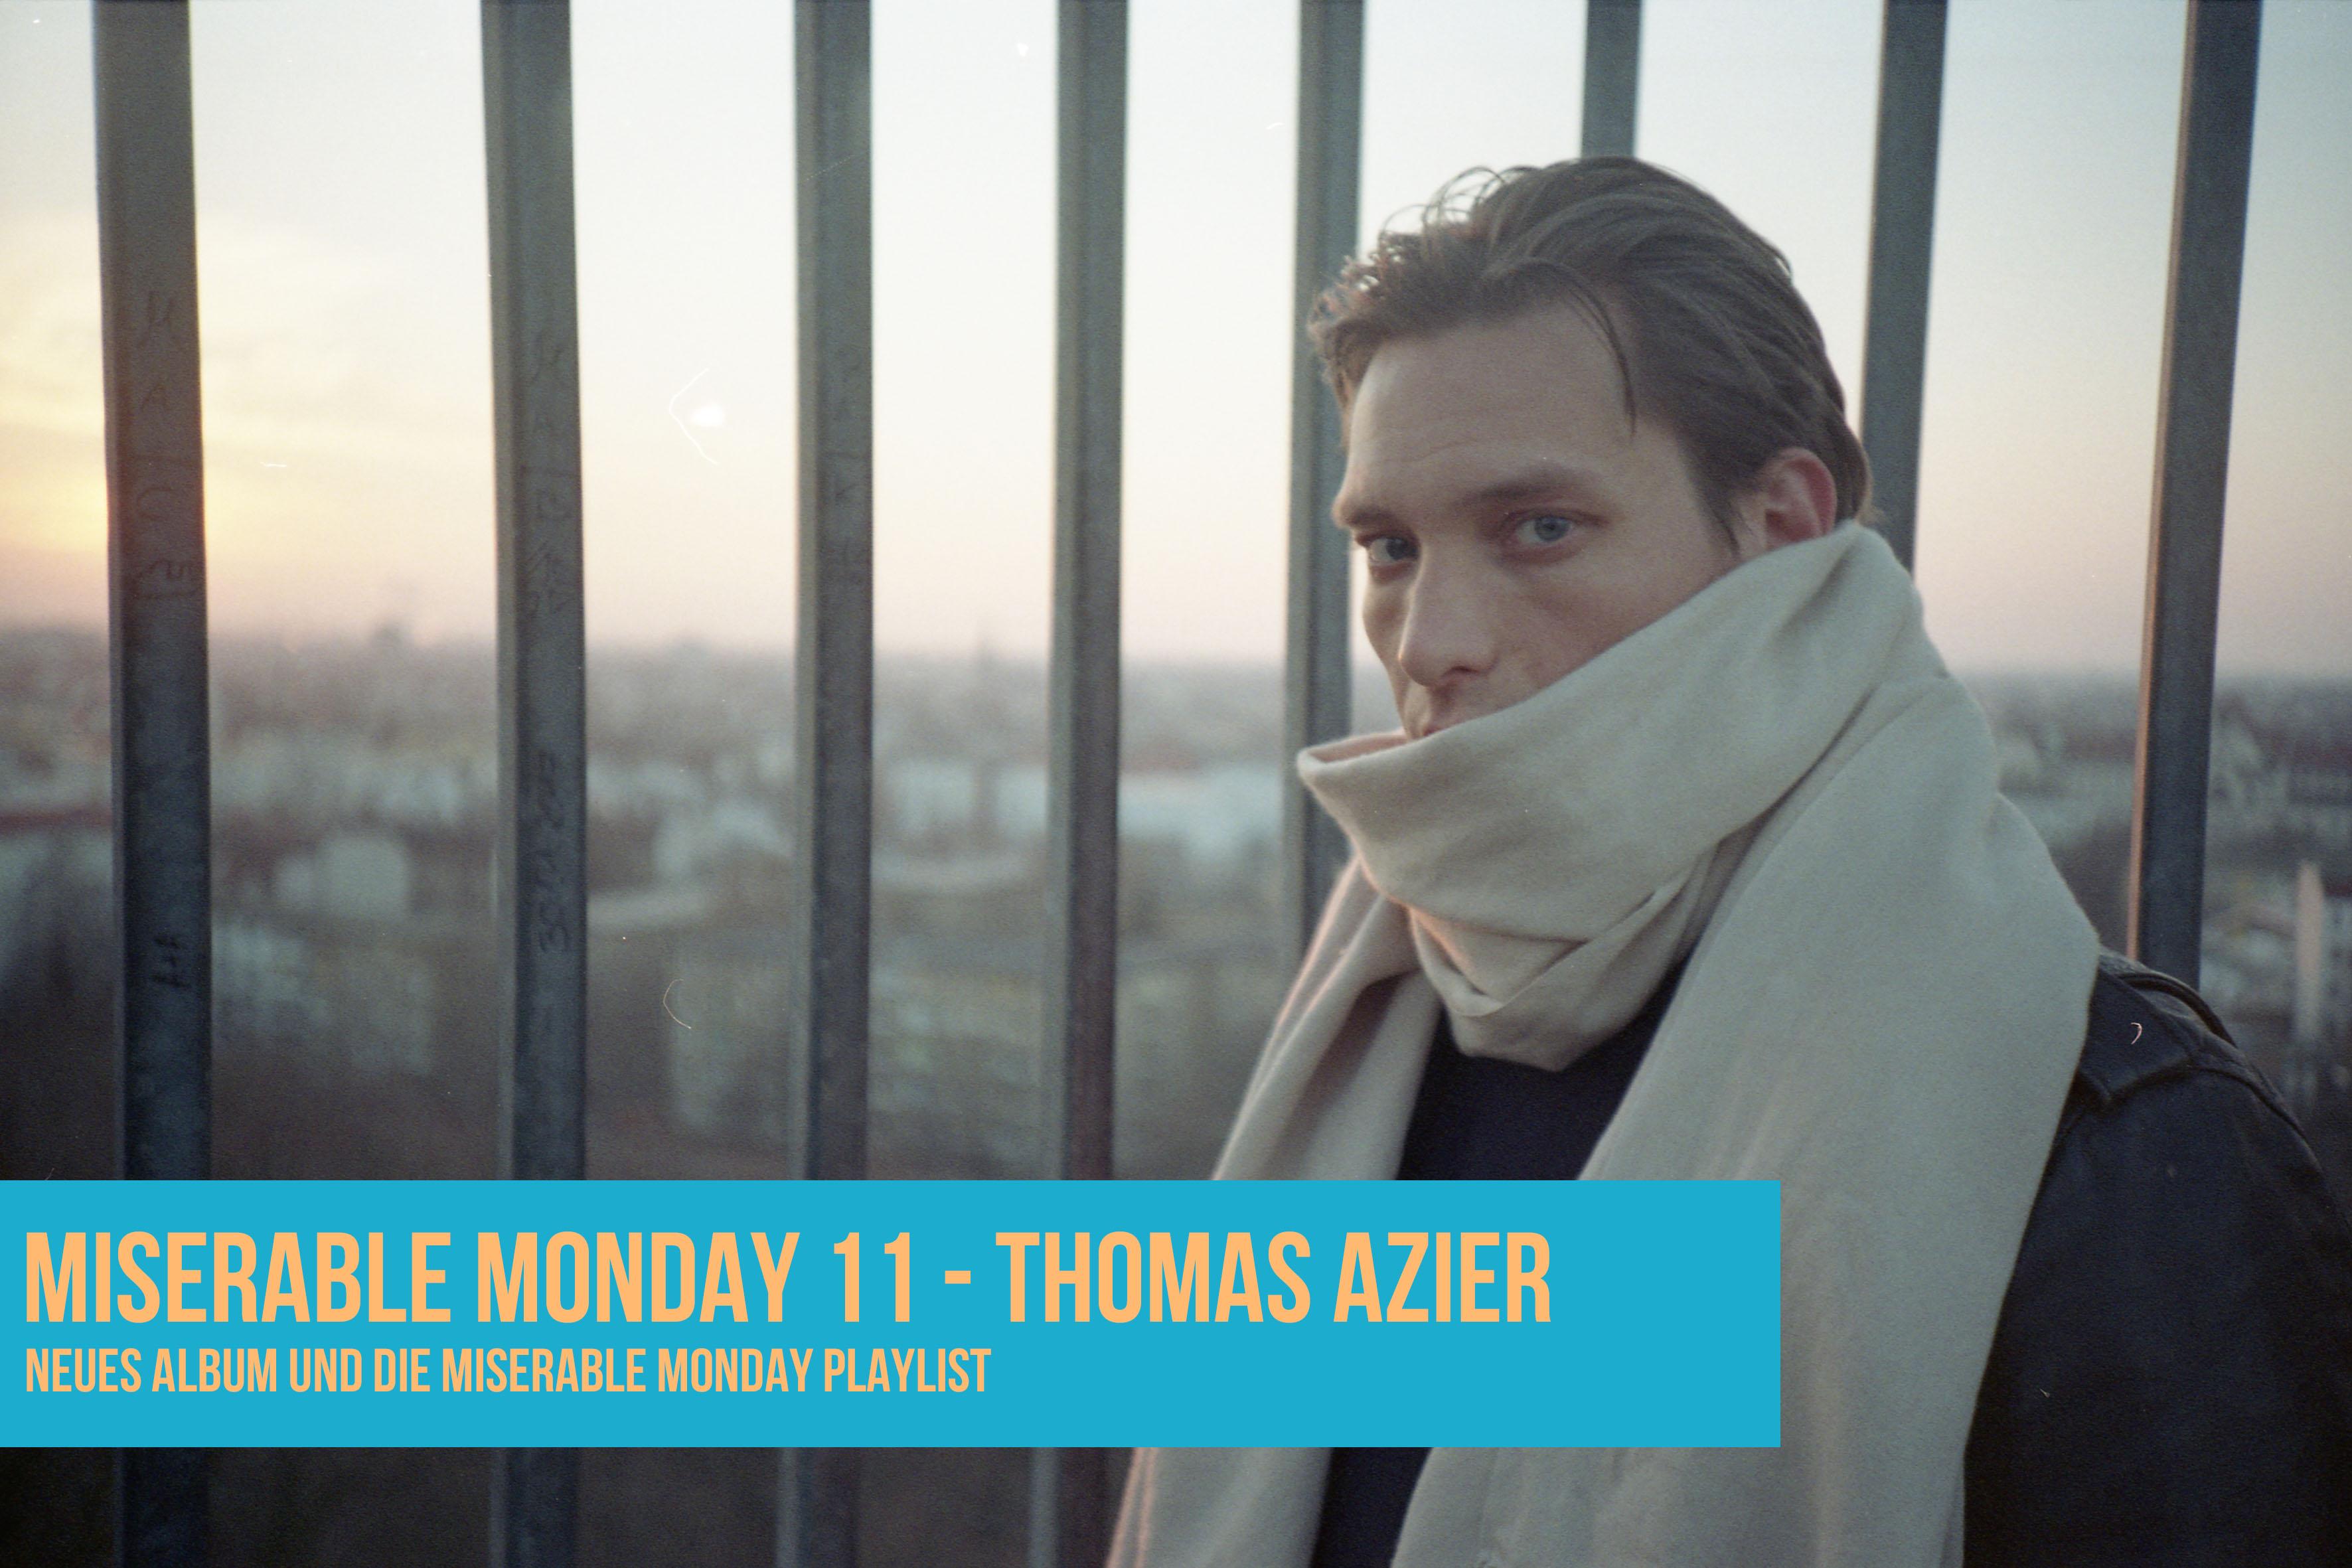 011 - Thomas Azier